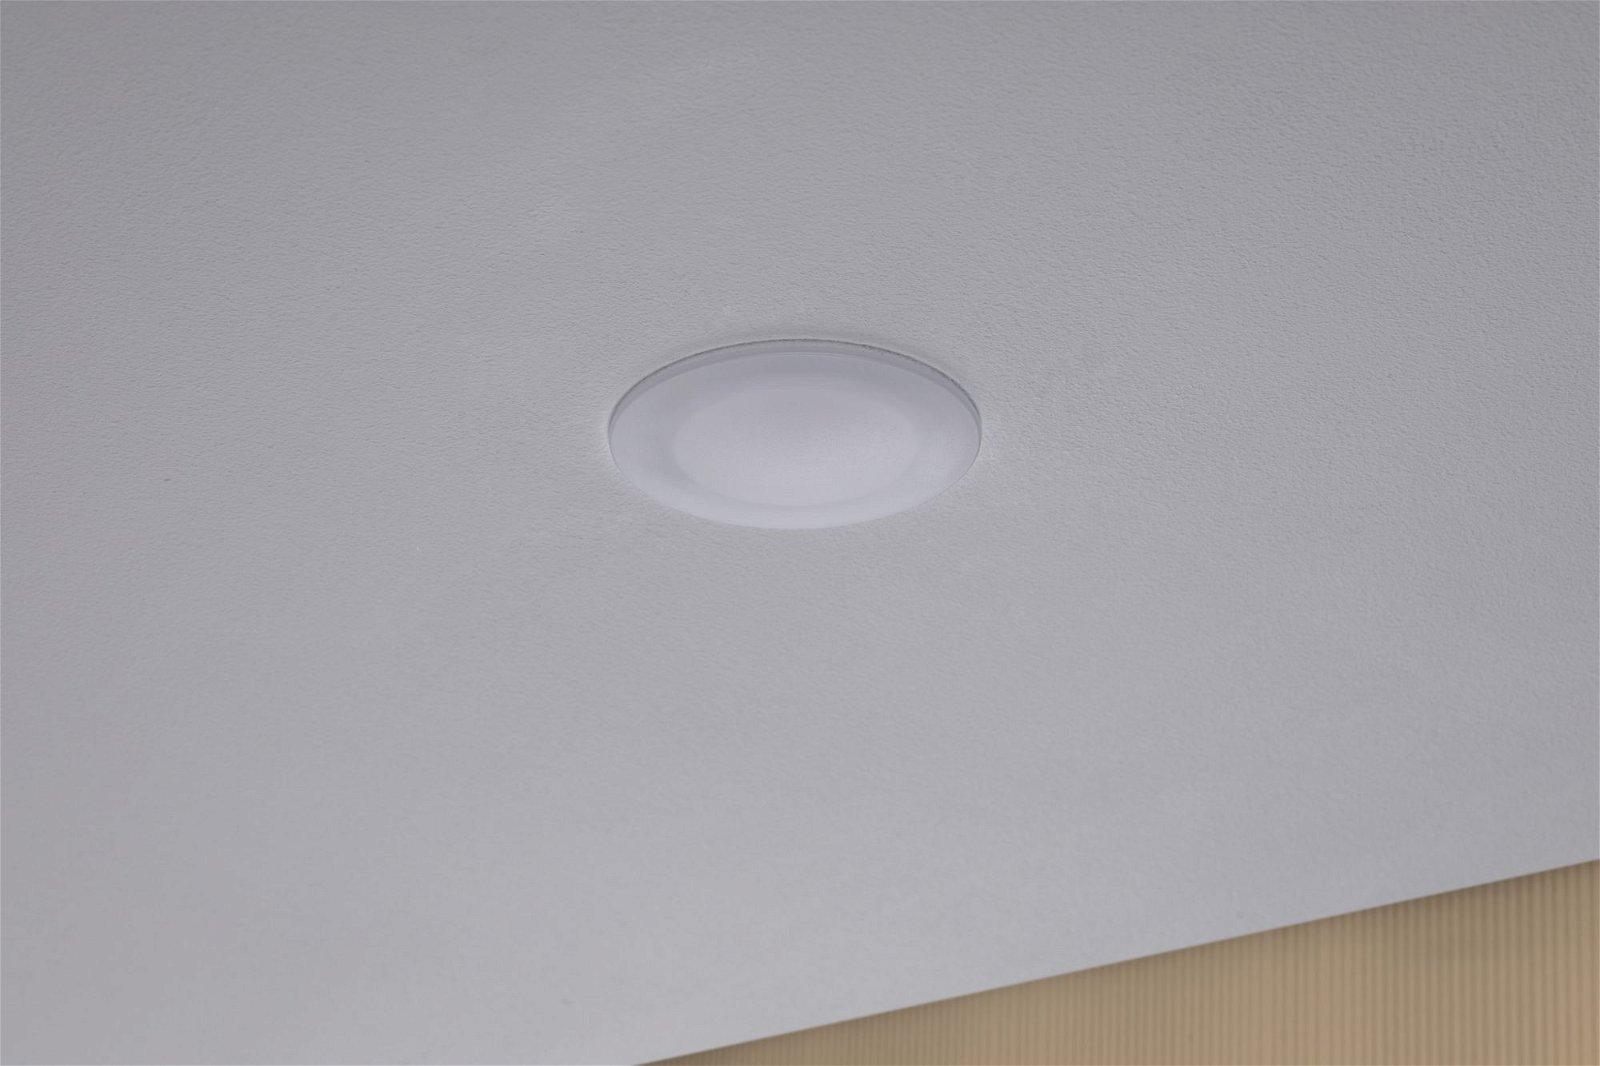 Premium LED Einbauleuchte Suon Basisset IP44 rund 90mm 3x6,5W 3x650lm 230V 2700K Satin/Weiß